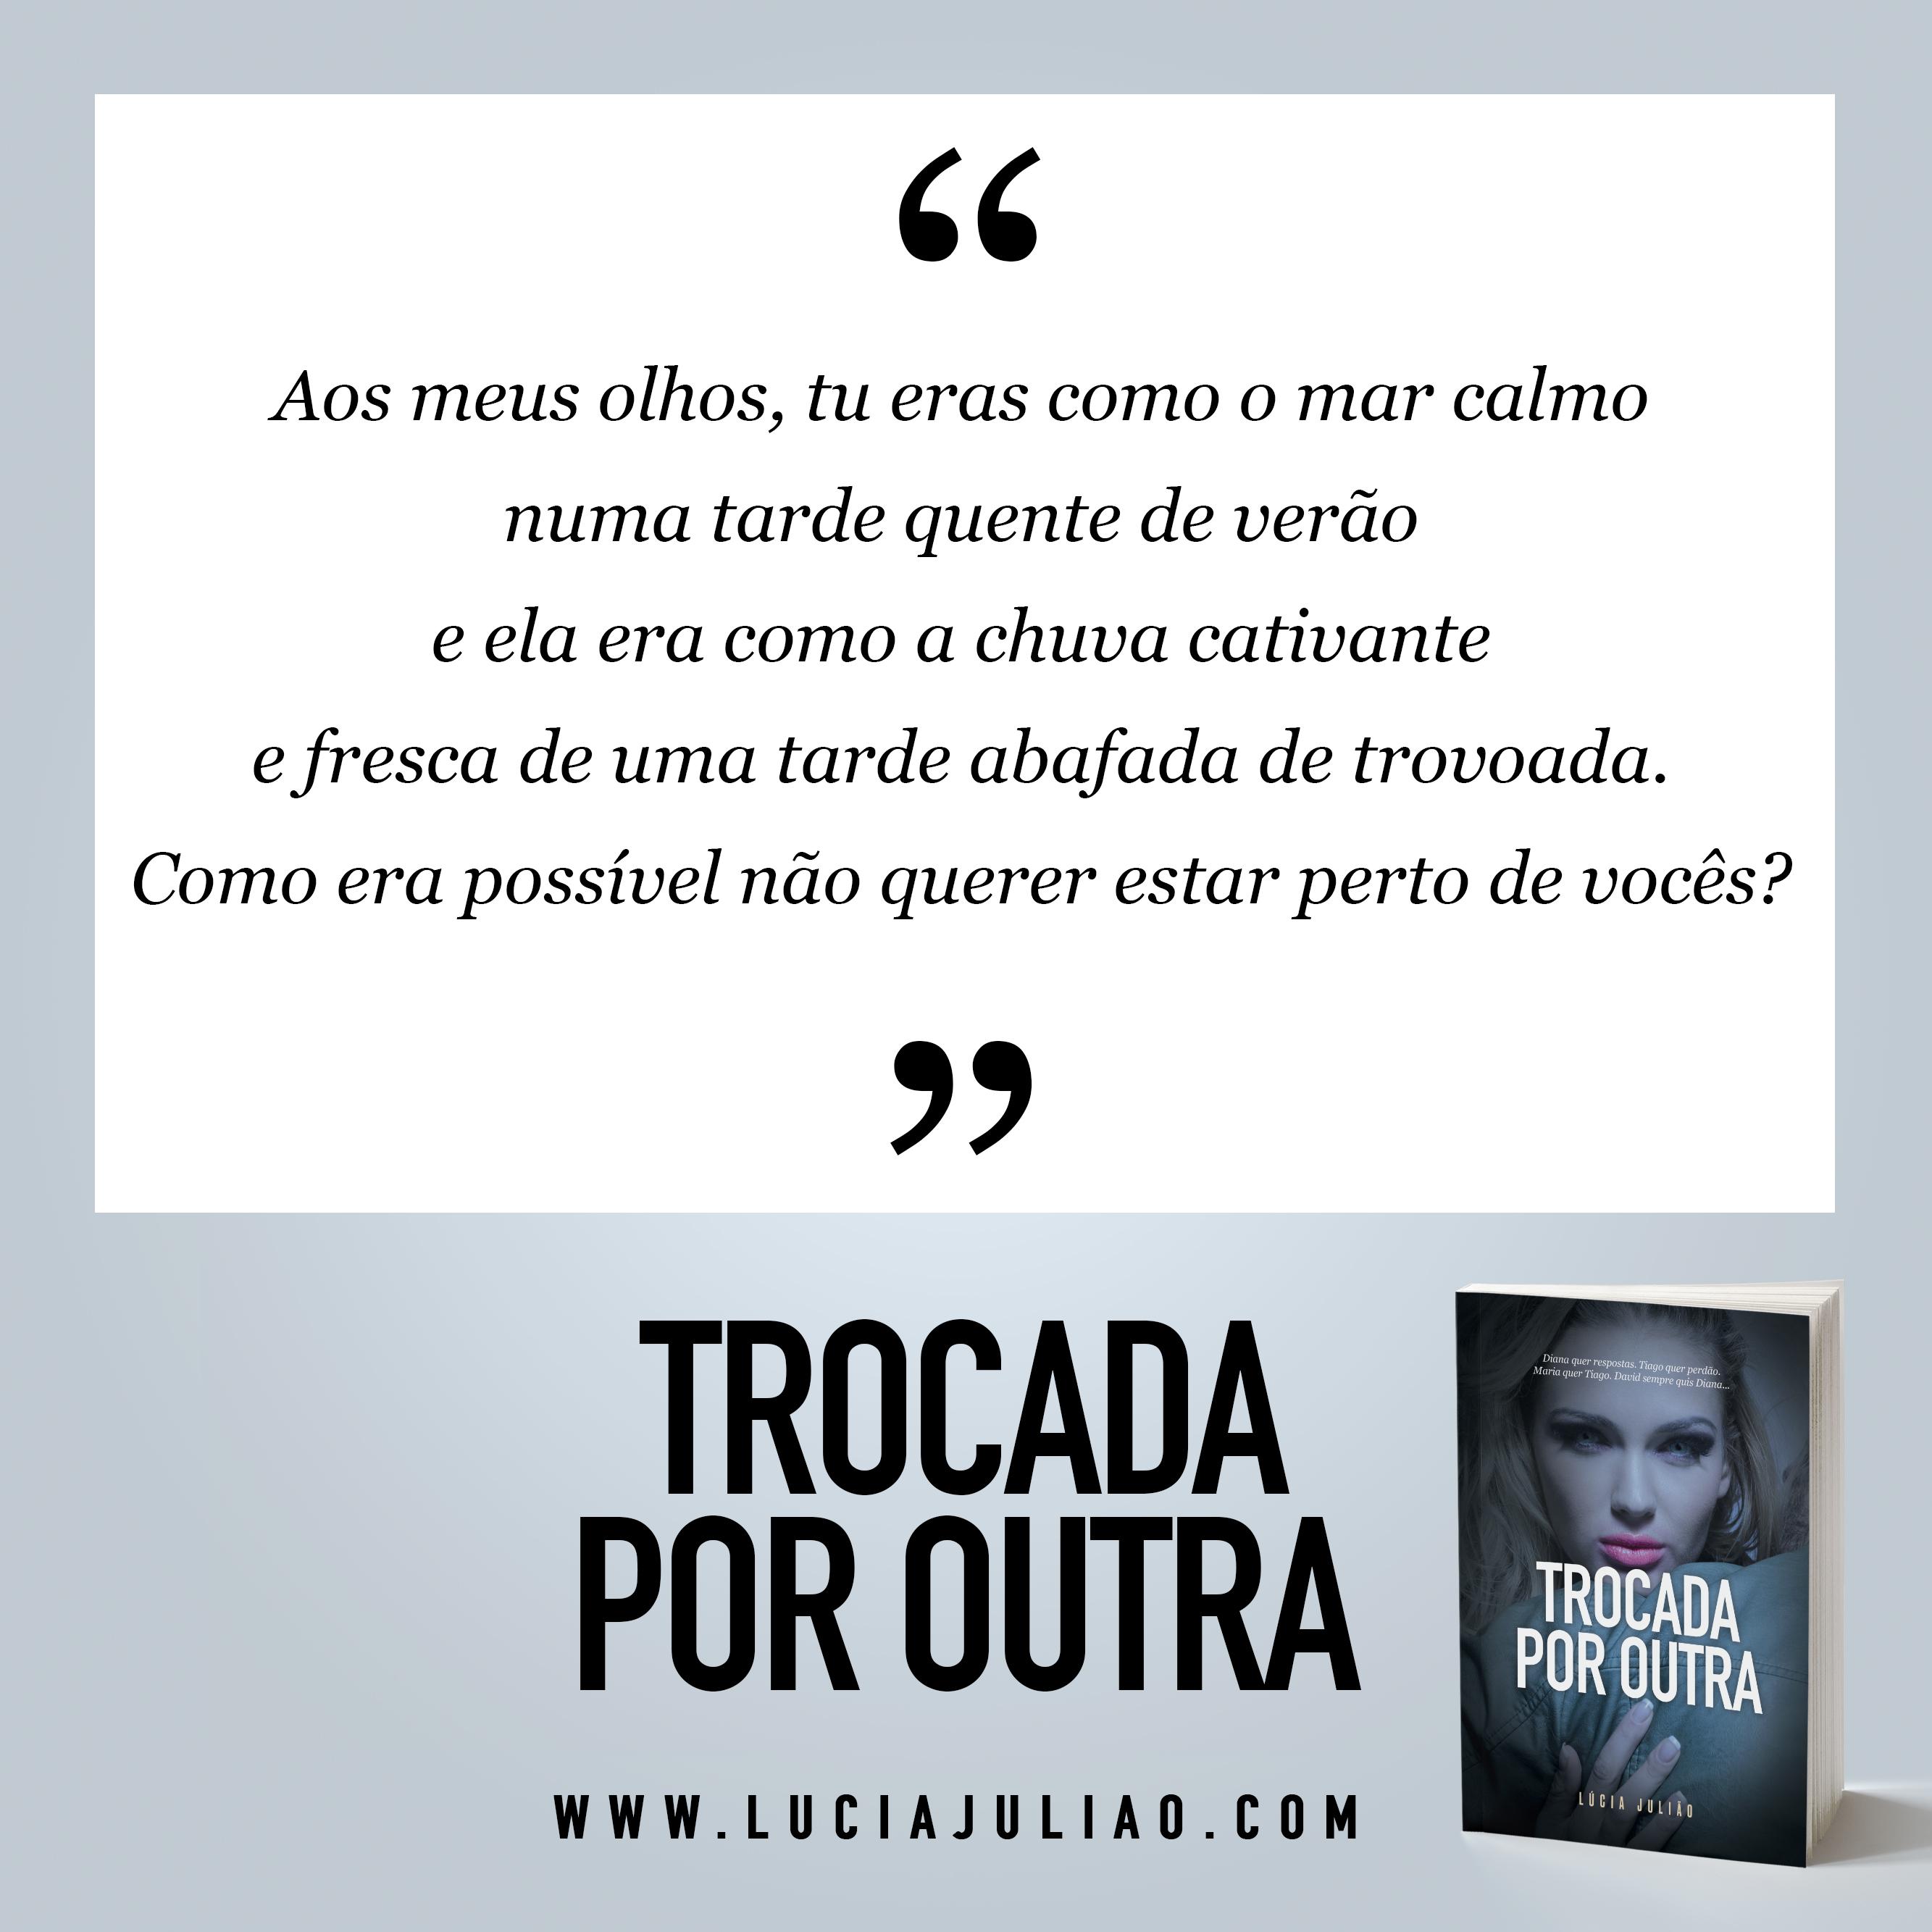 010Q - capítulo 3 - Trocada por outra - Lúcia Julião